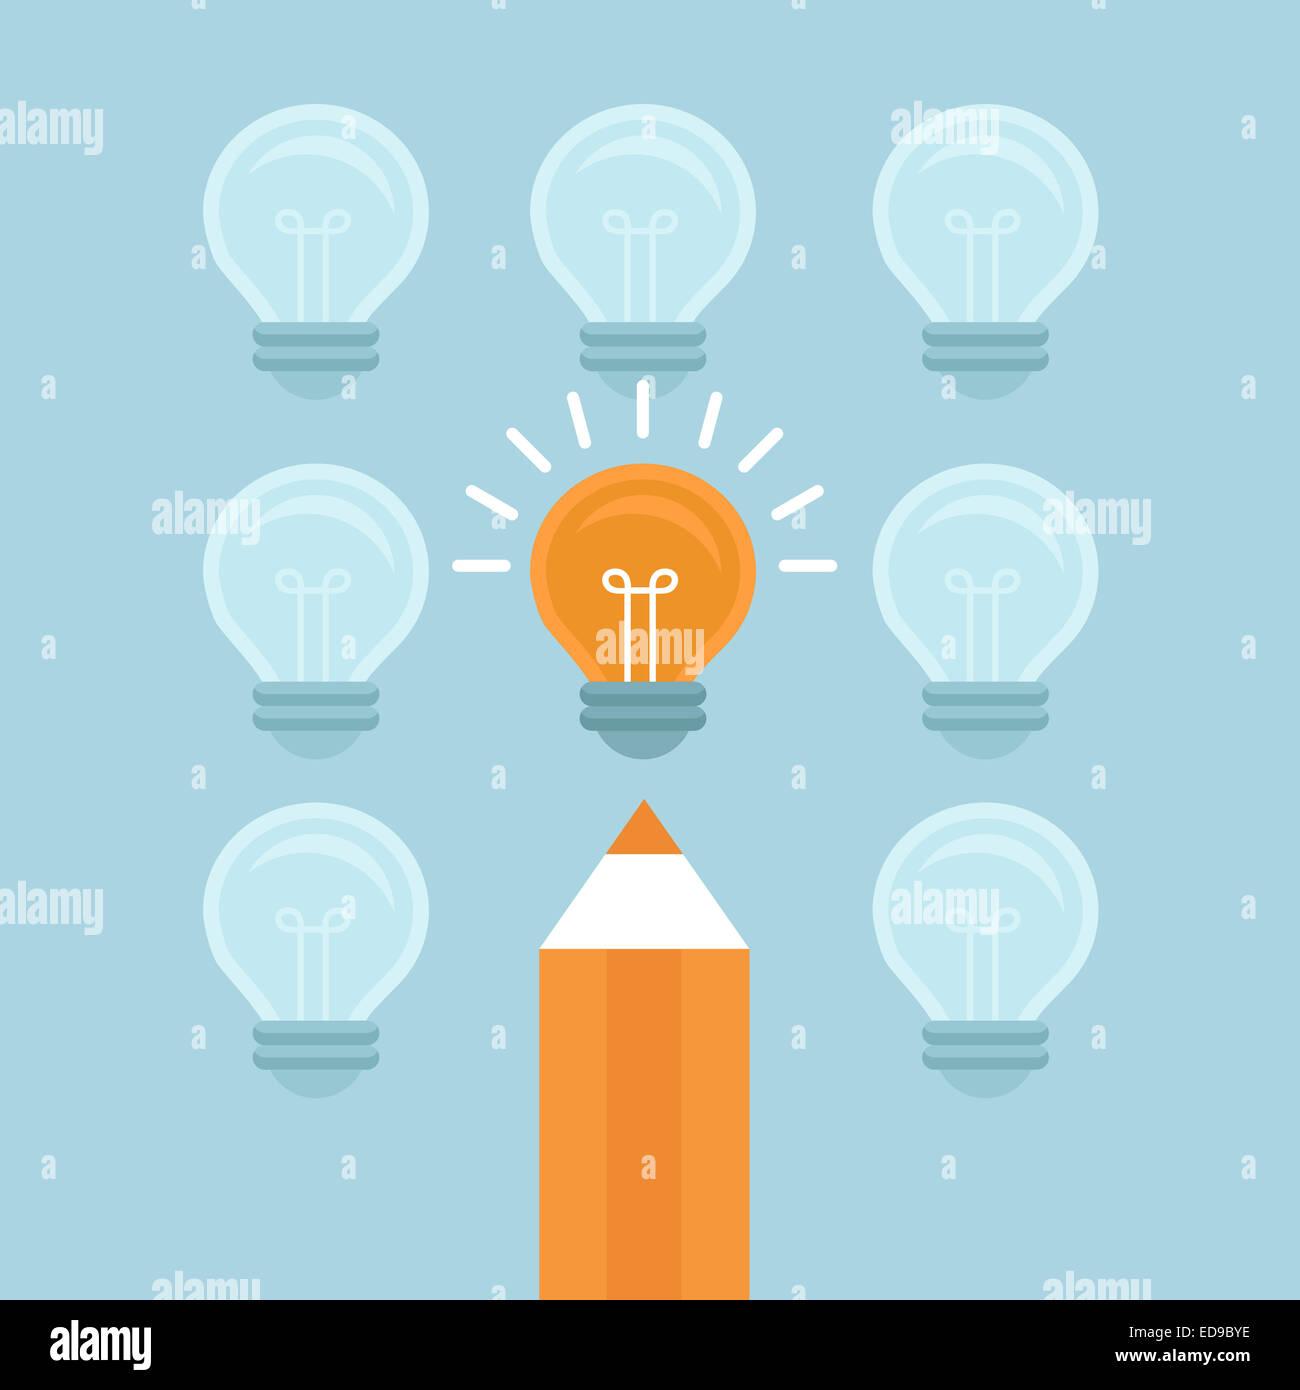 Marketingkonzept in flachen Stil - von der Masse abheben - helle Glühbirne und Bleistift Stockfoto